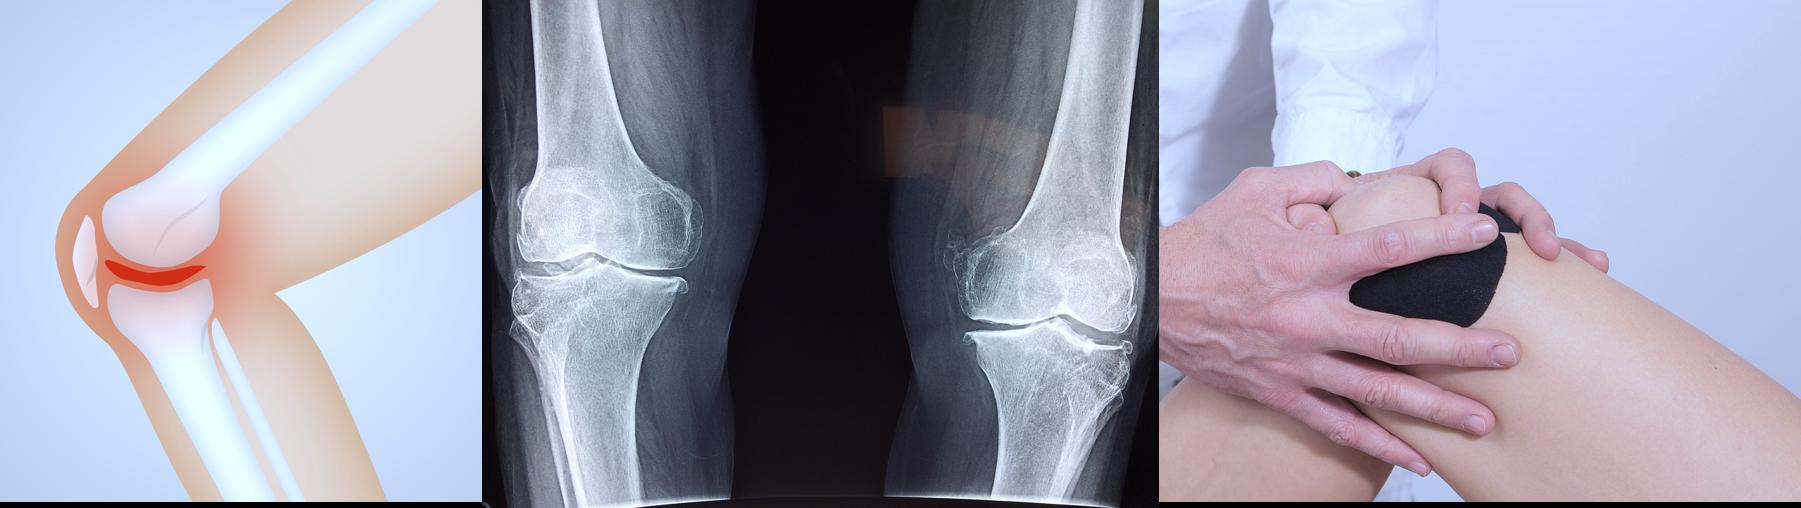 Knees-osteoarthritis